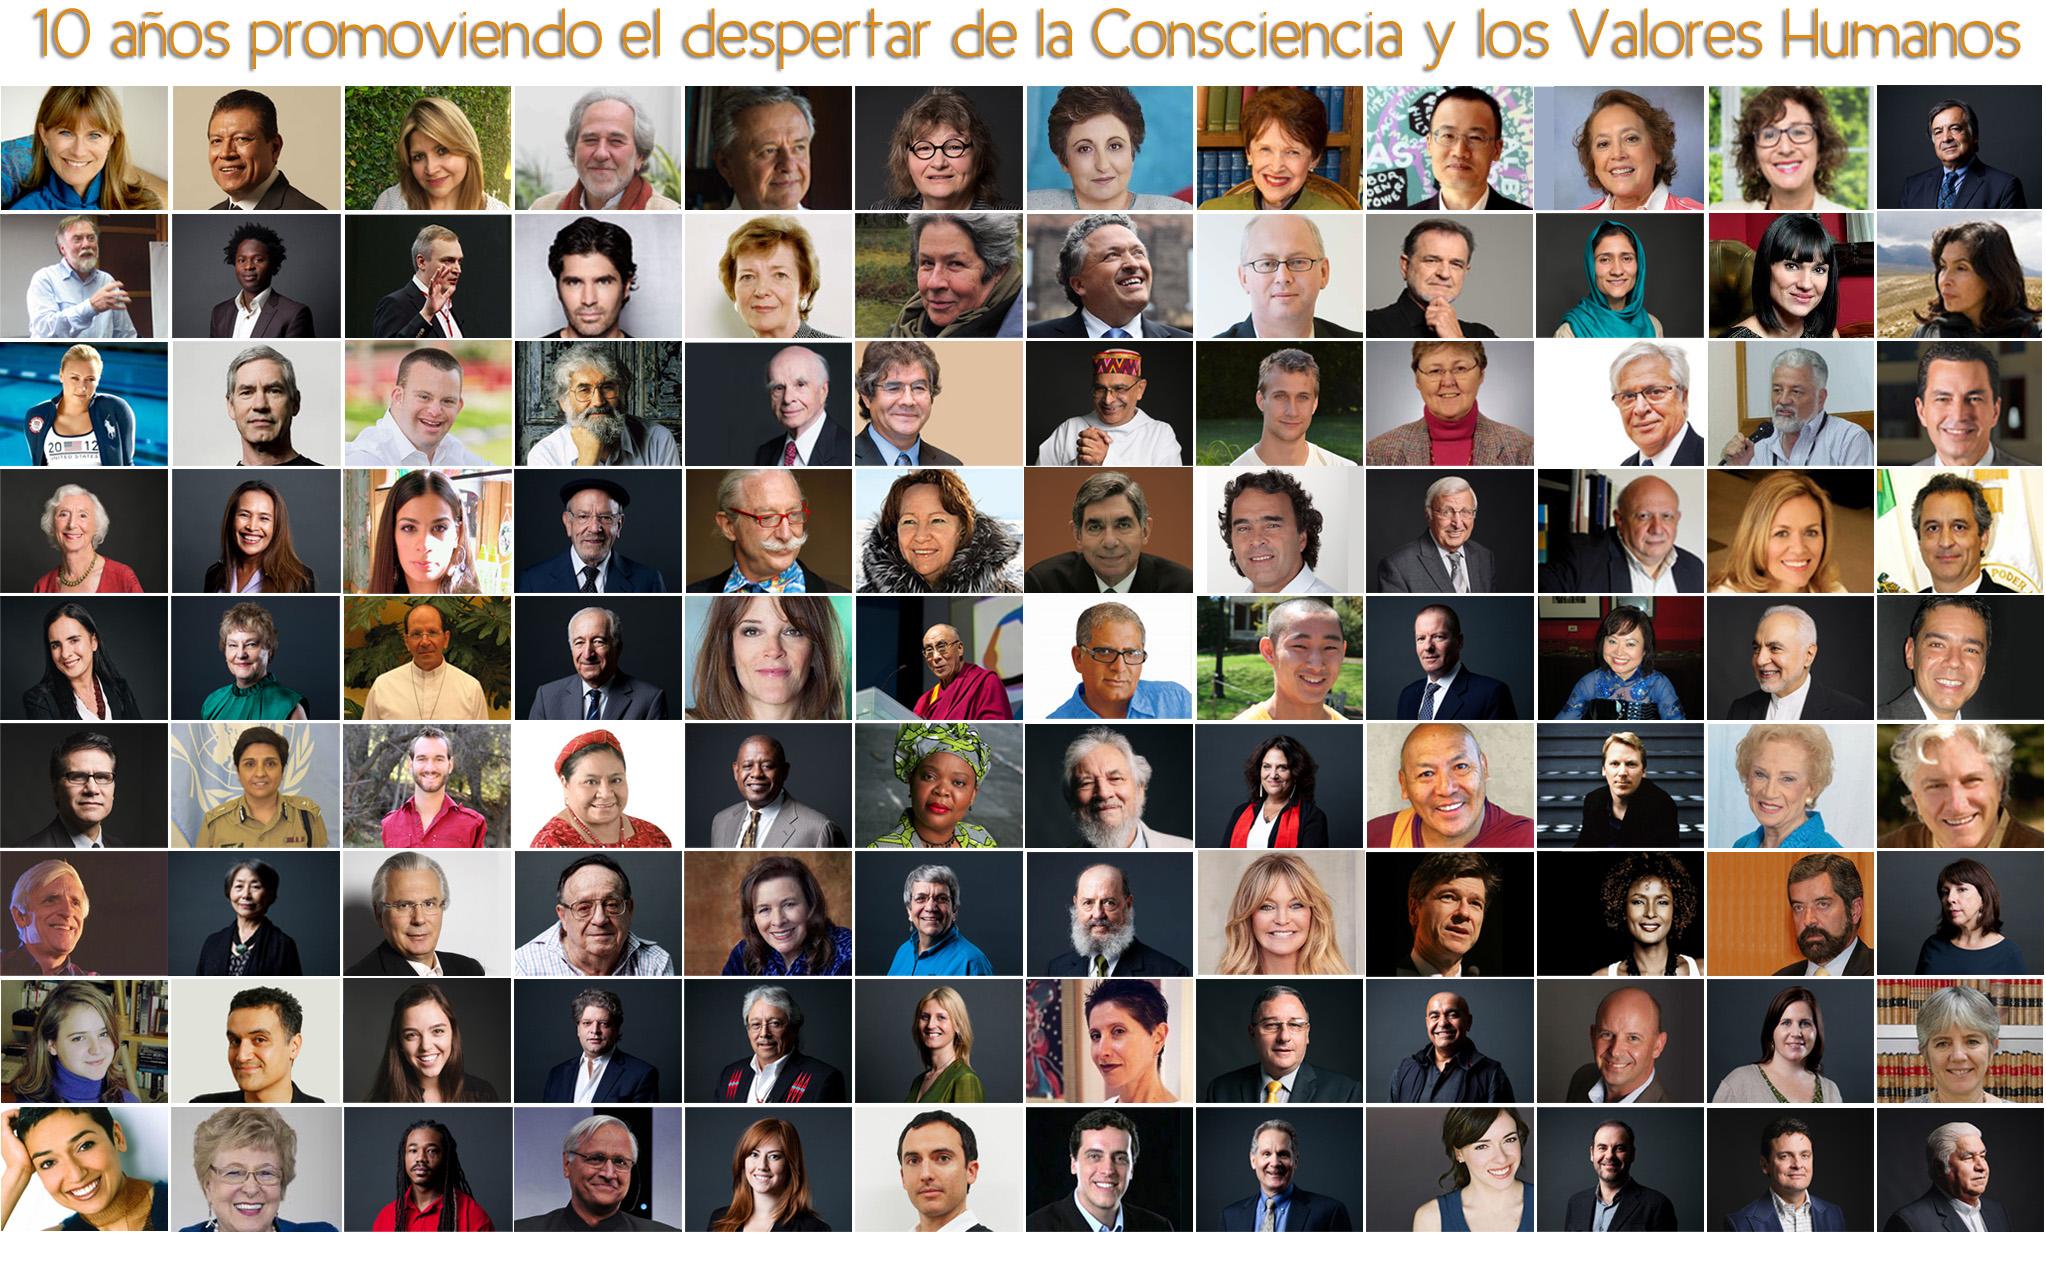 Personajes que han participado en el Encuentro Mundial de Valores. Foto: EMV.